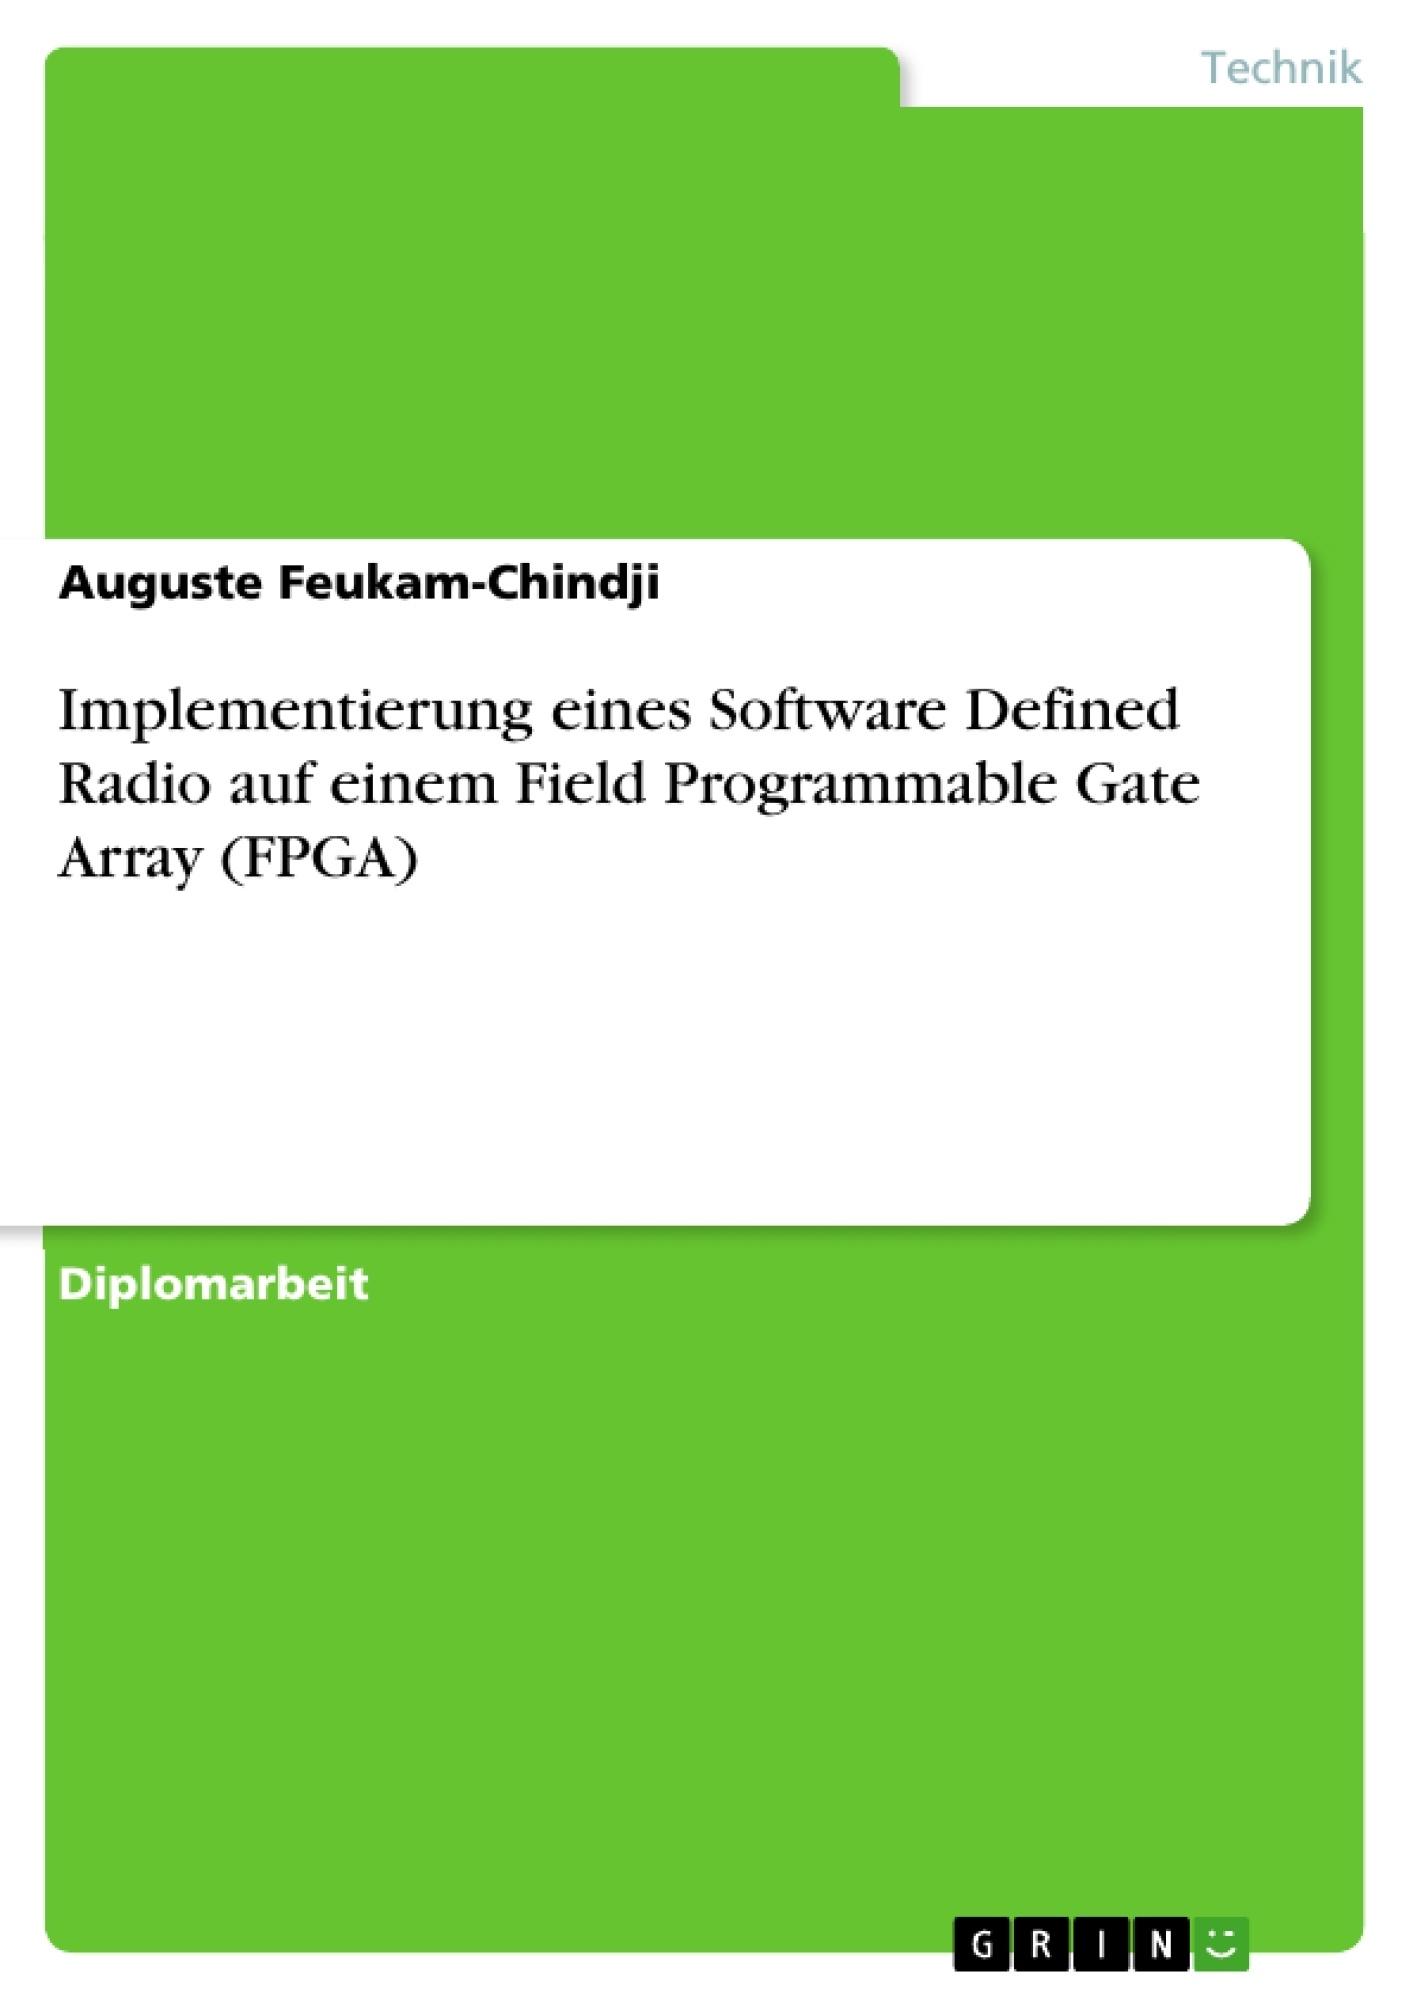 Titel: Implementierung eines Software Defined Radio auf einem Field Programmable Gate Array (FPGA)